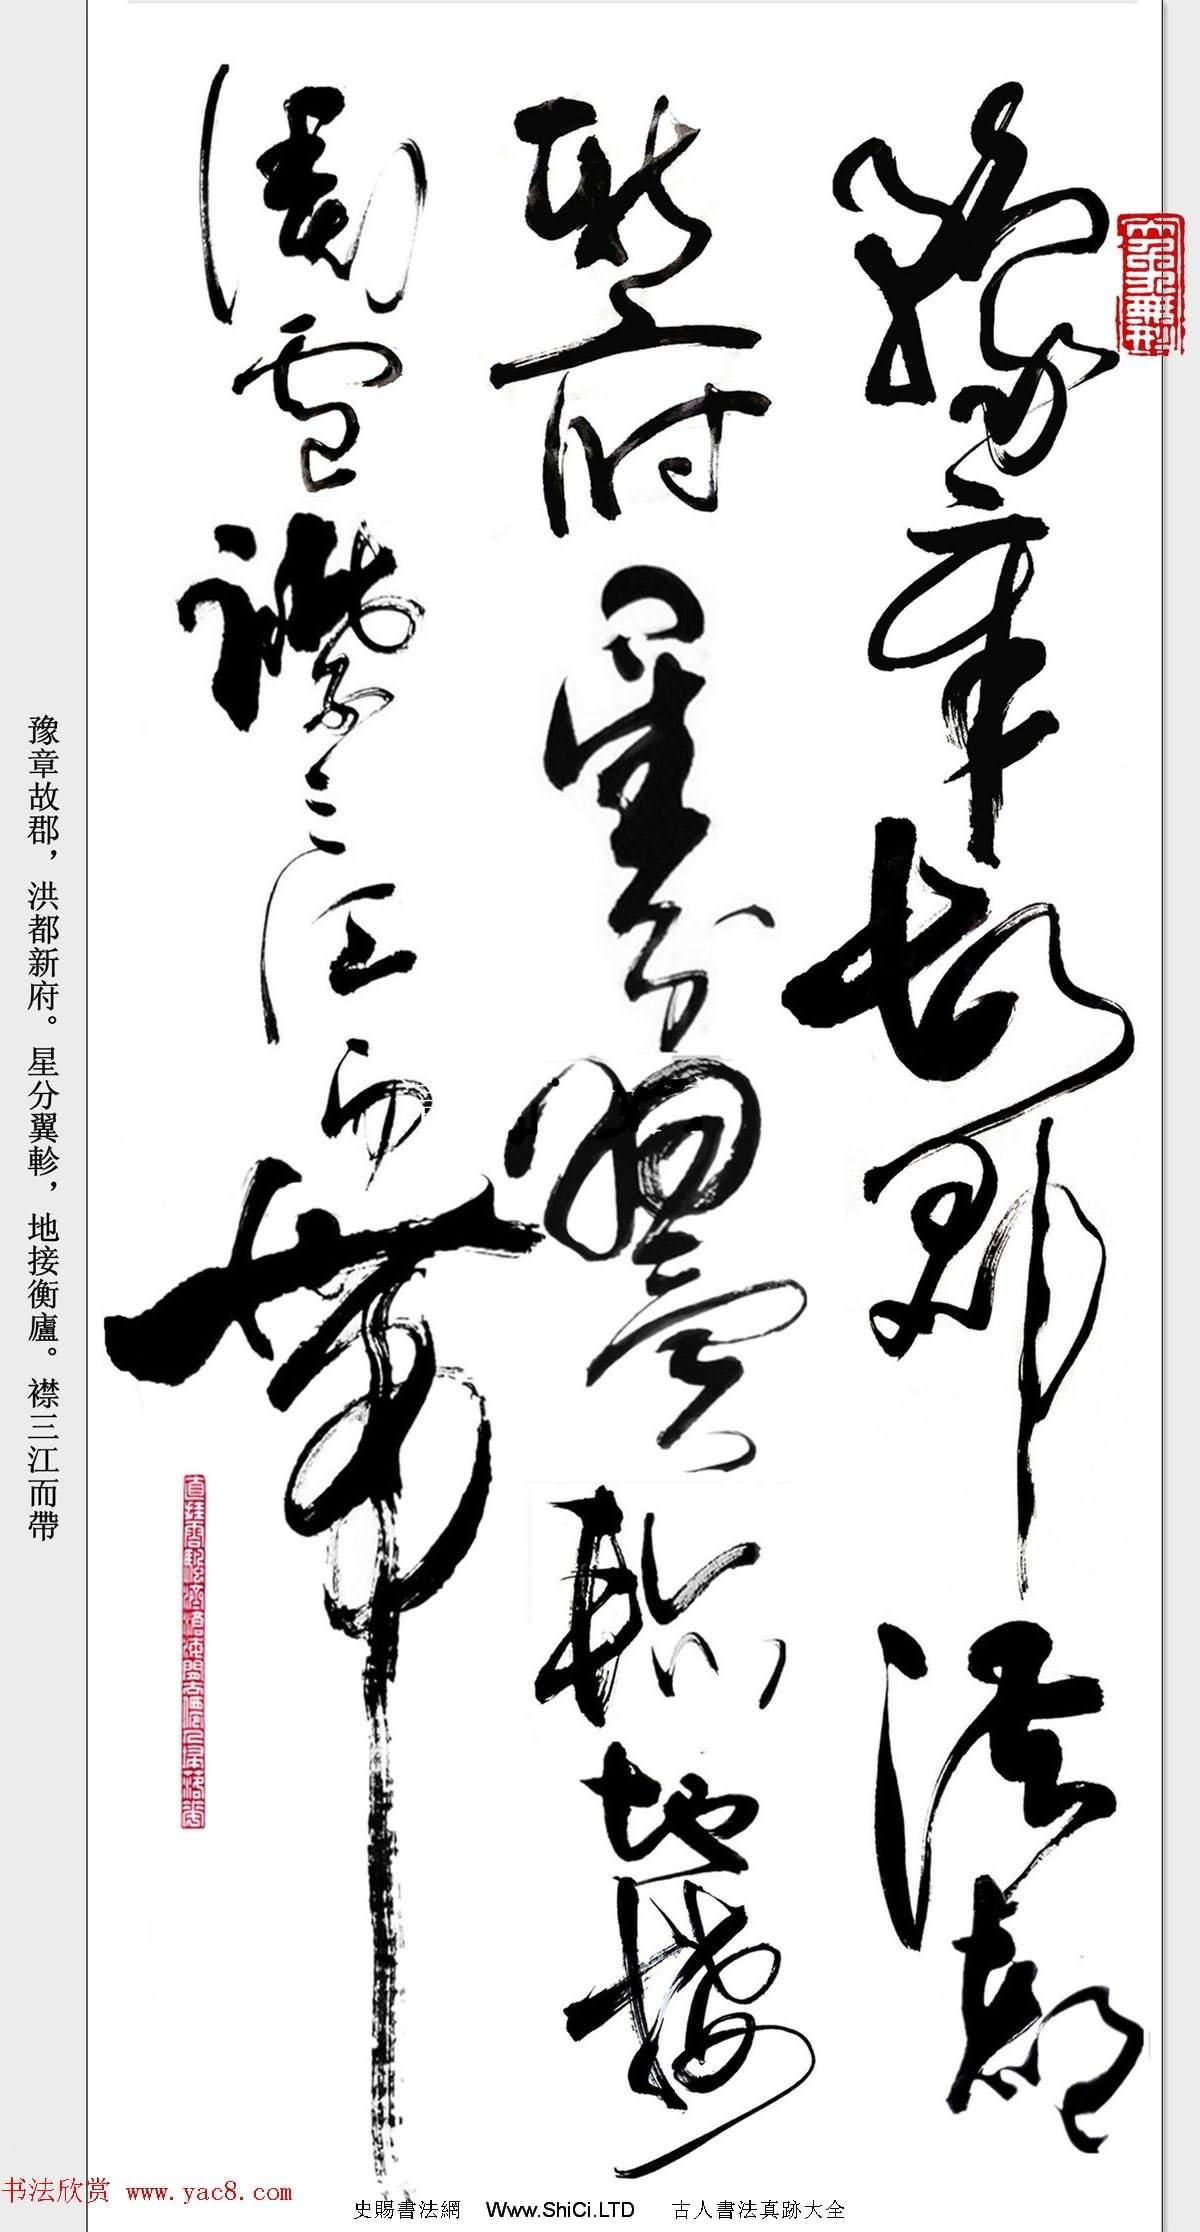 書法精粹字帖《亢銀中草書滕王閣序》(共21張圖片)